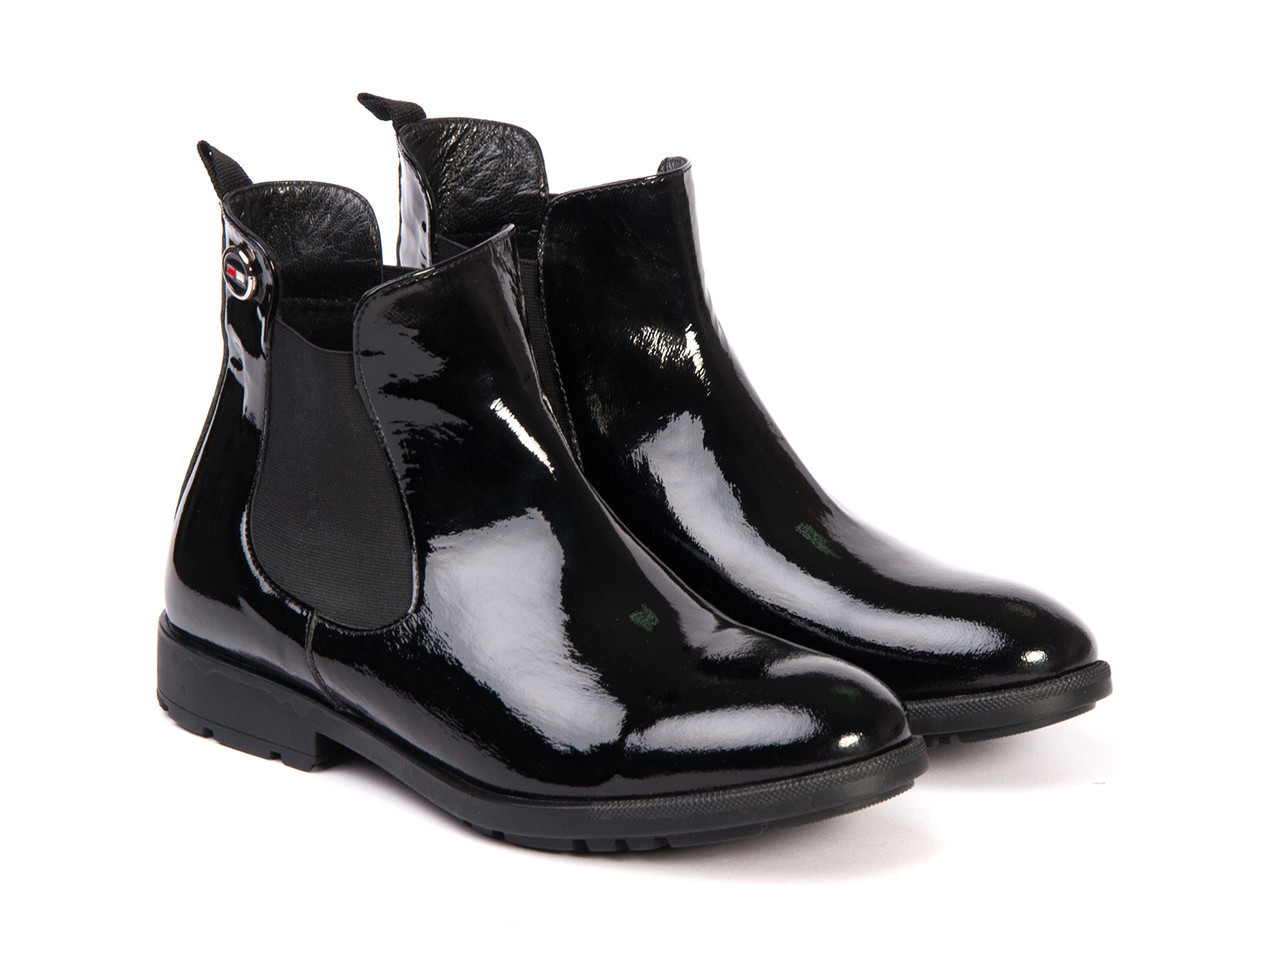 Ботинки Etor 4269-0-7134 39 черные